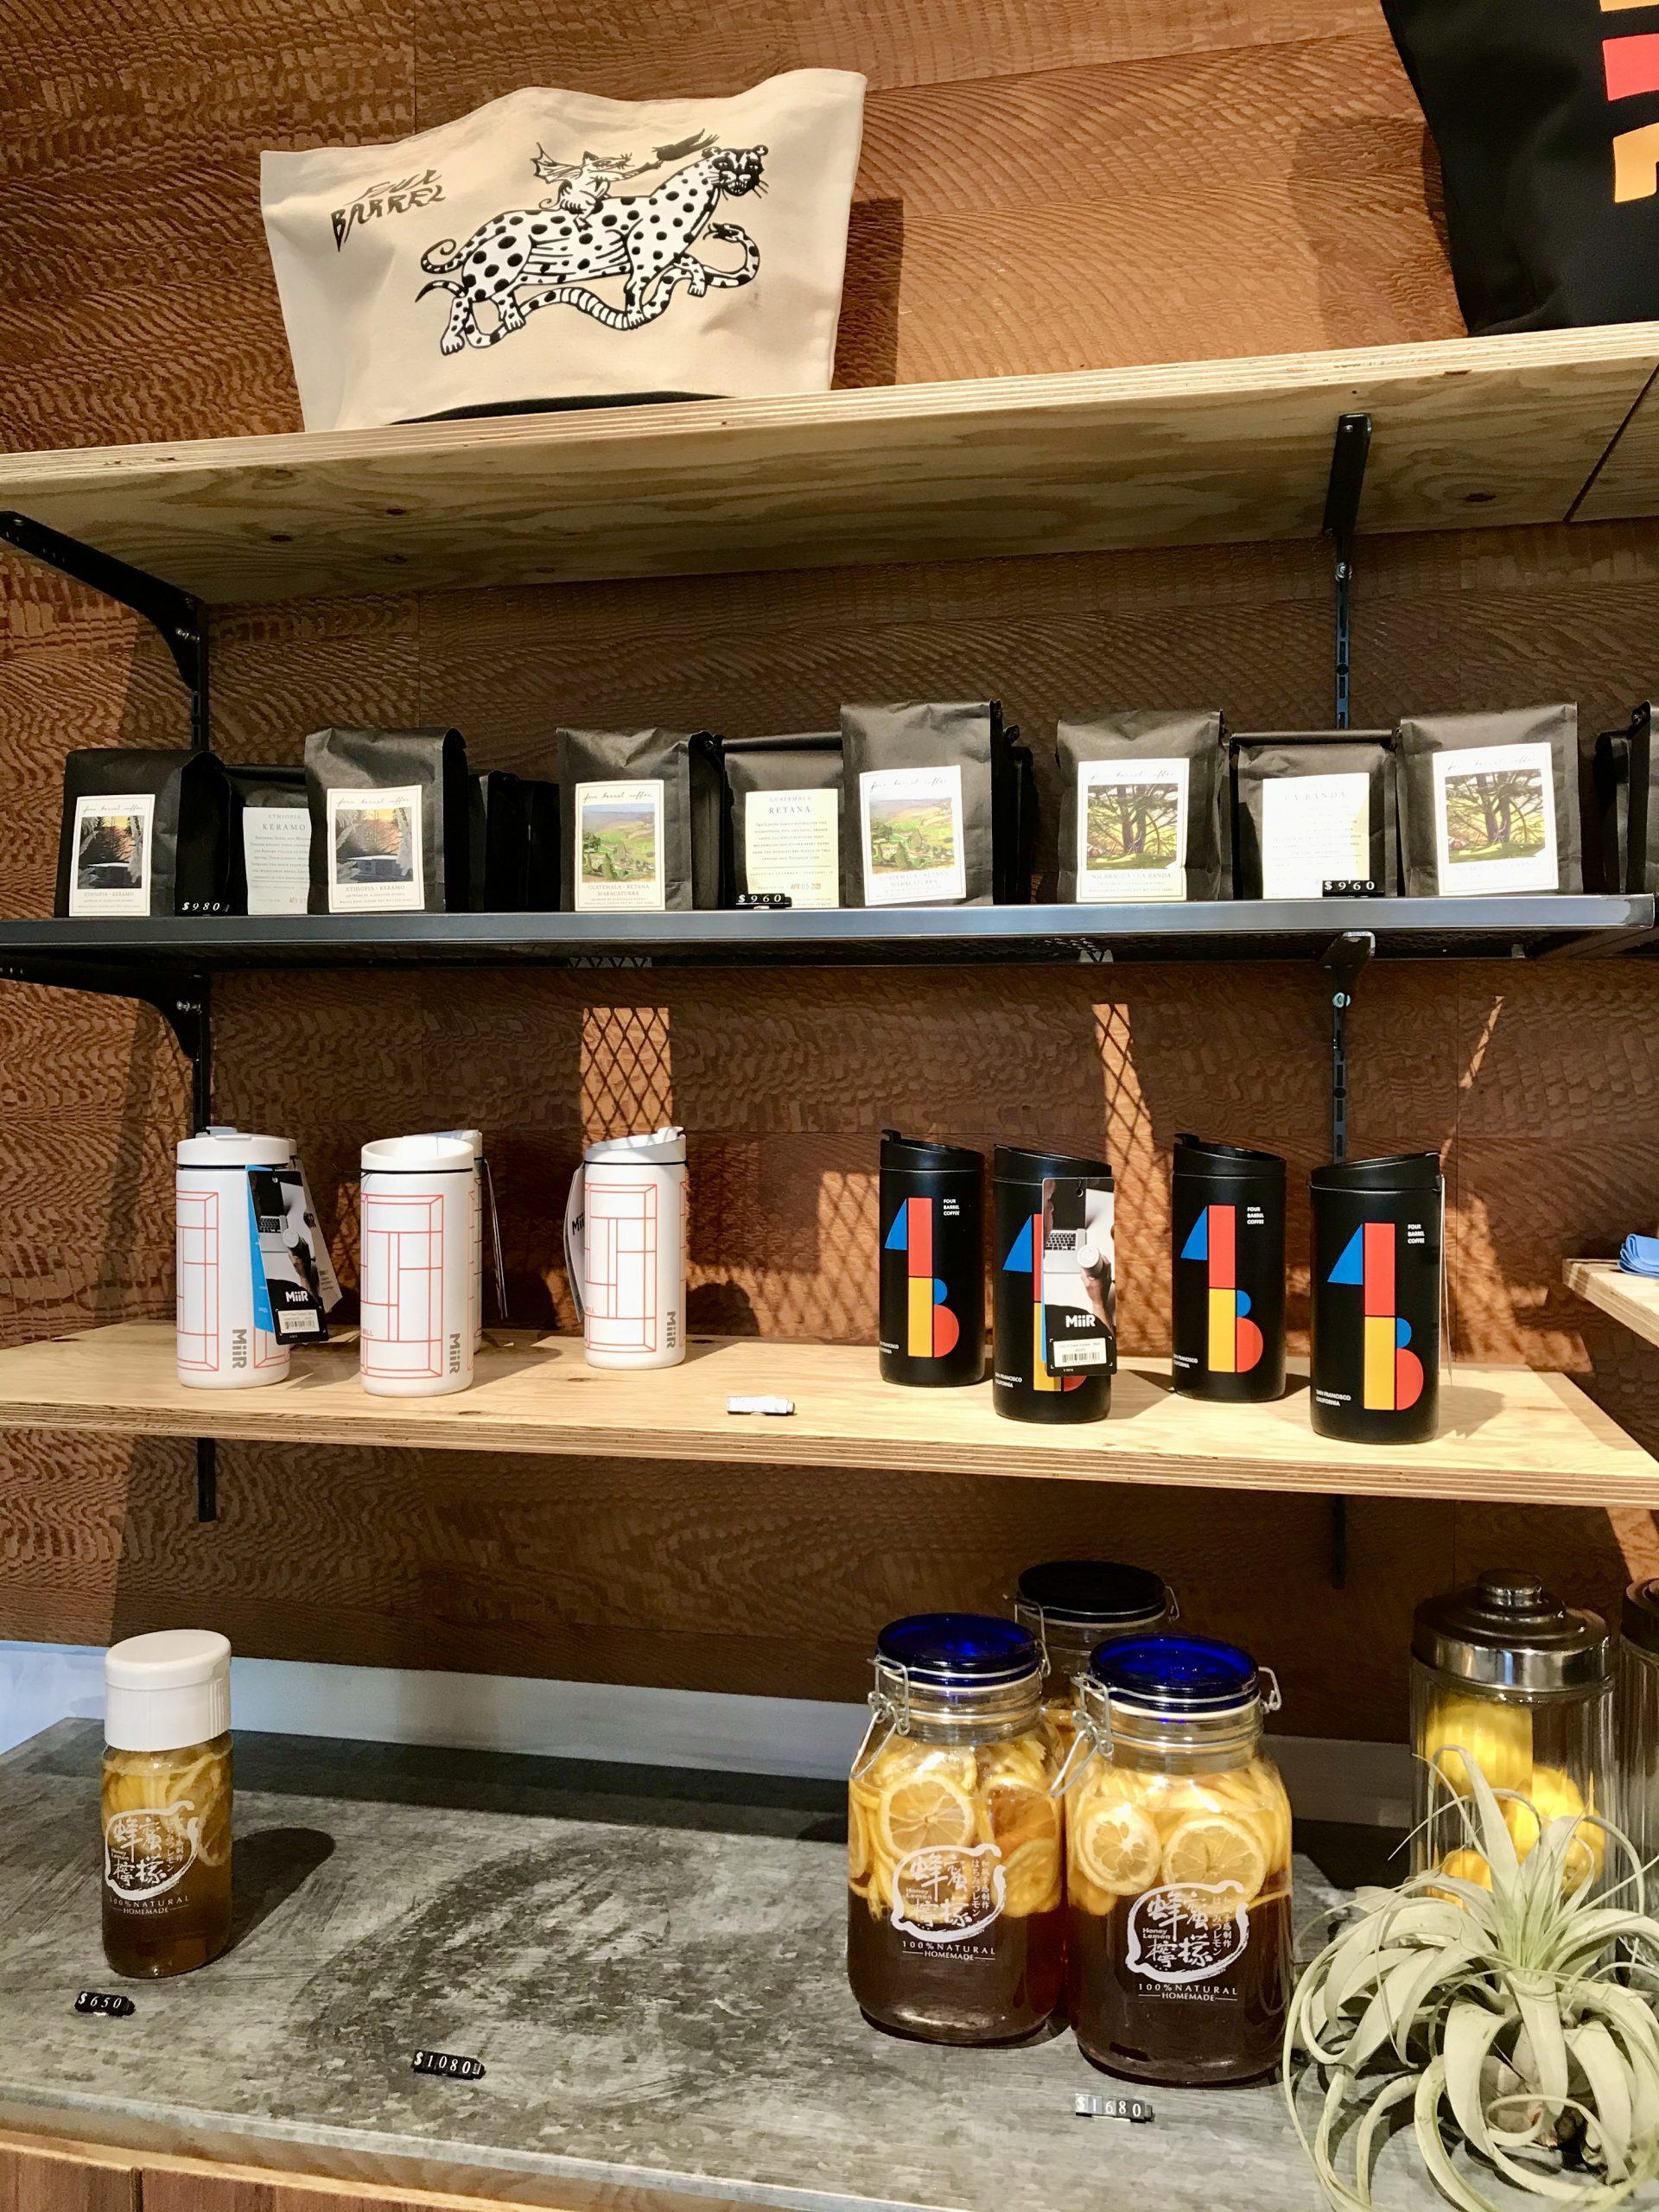 四桶咖啡周邊商品